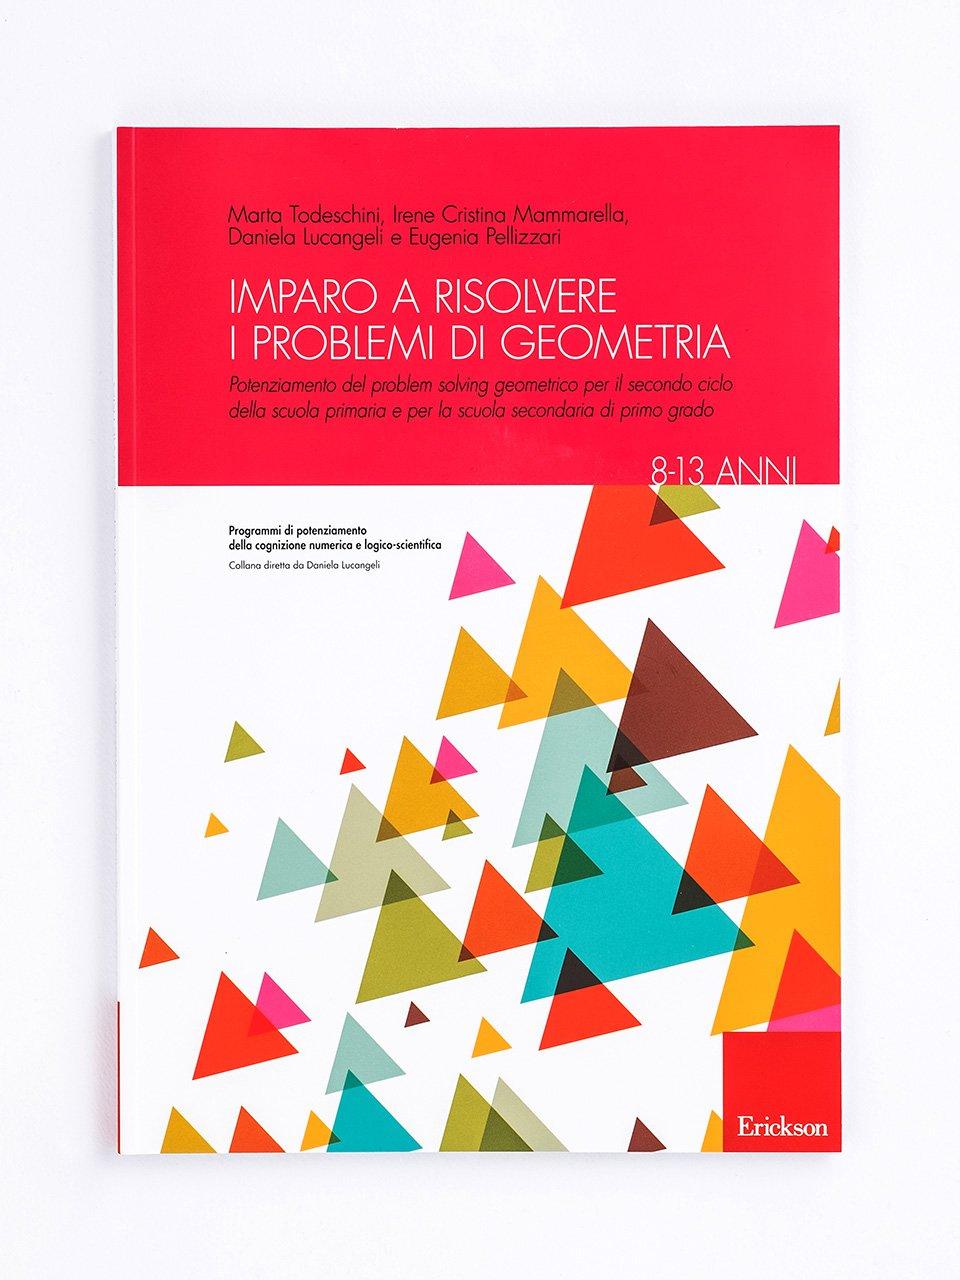 Imparo a risolvere i problemi di geometria - Daniela Lucangeli - Erickson